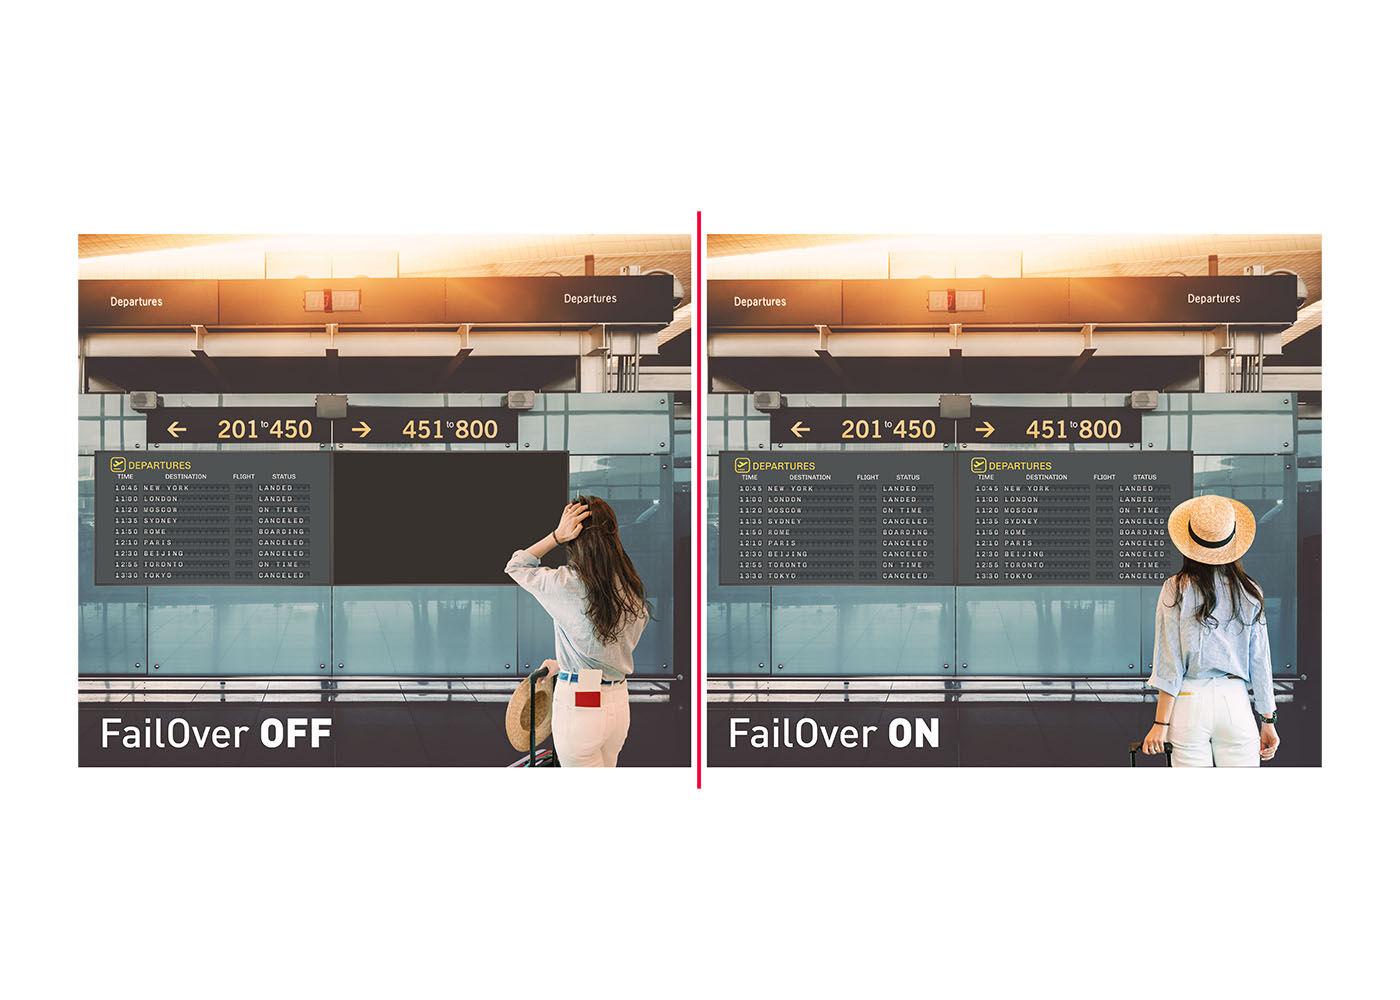 Signal FailOver